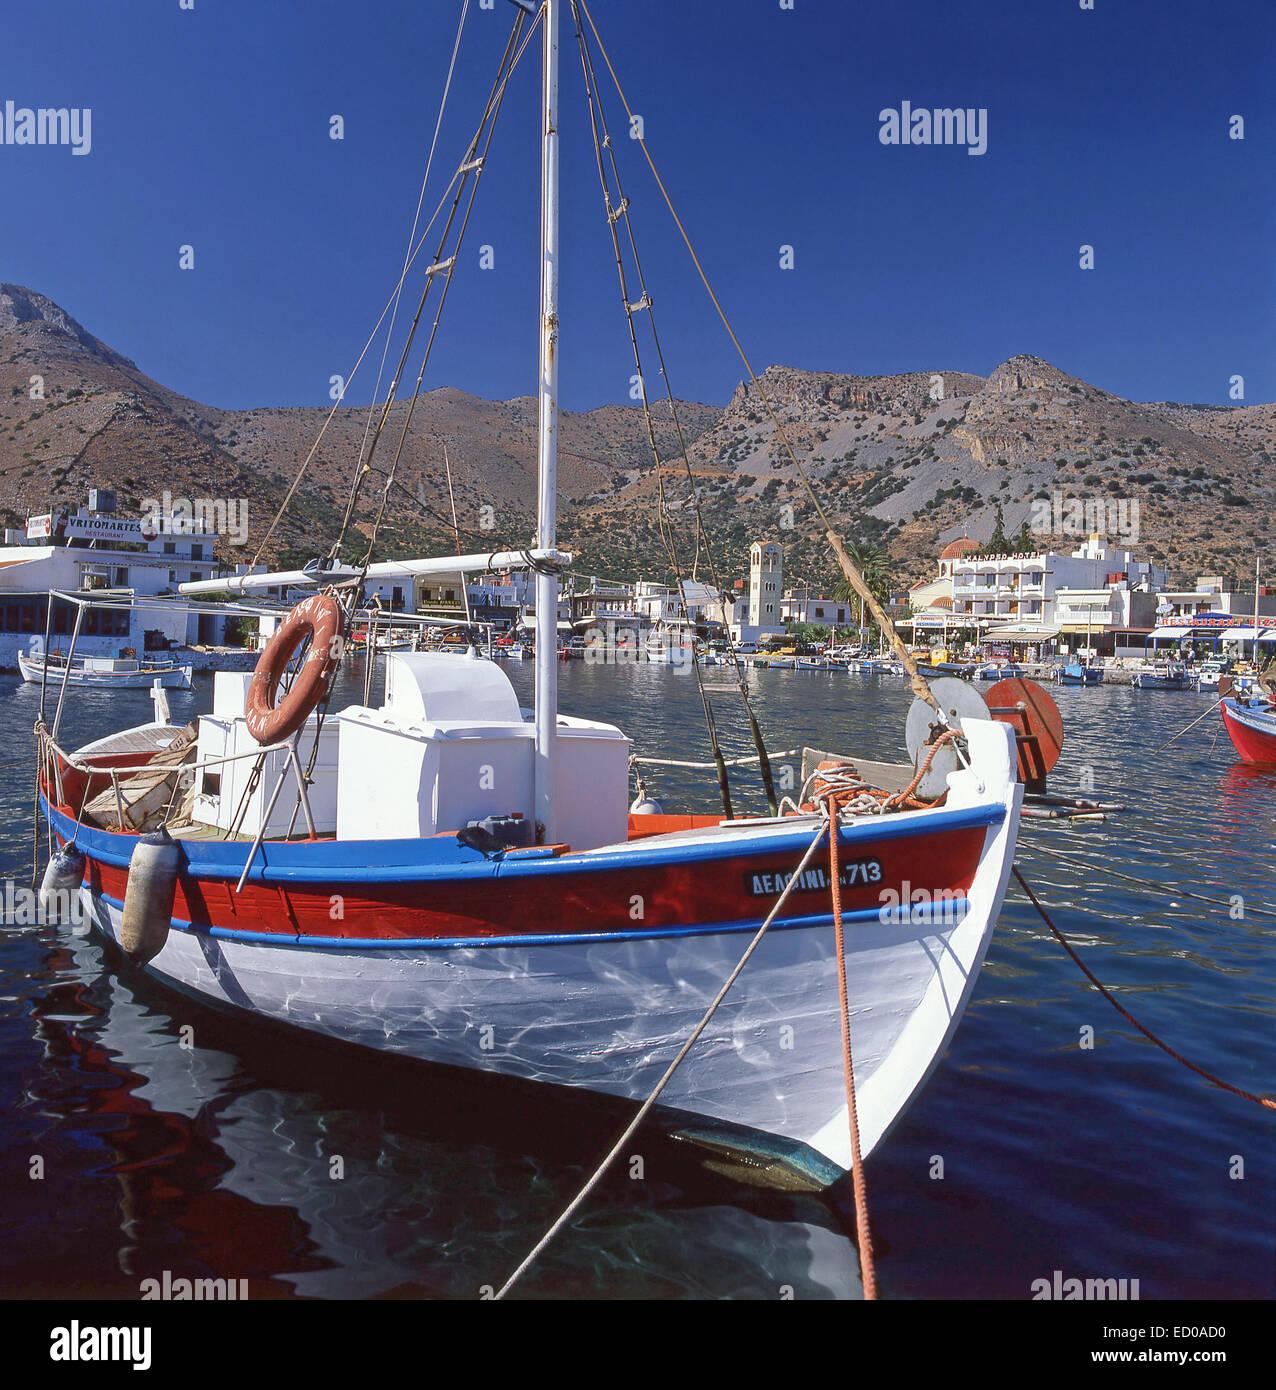 Bunte Fischerboot im Hafen, Lasithi Region, Elounda, Kreta, Griechenland Stockbild